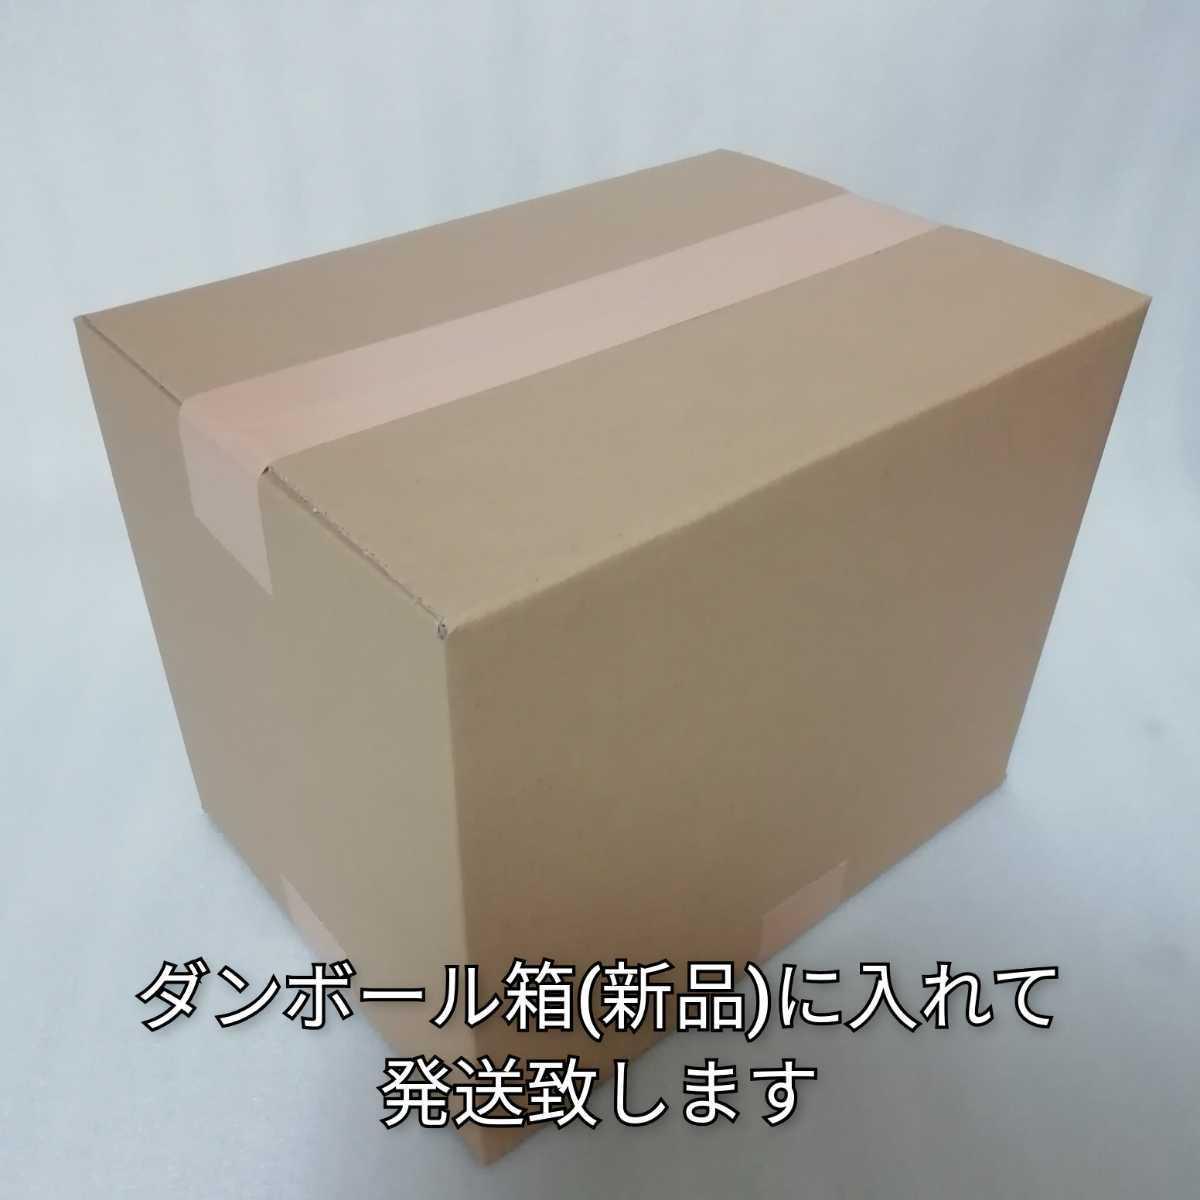 澤井珈琲 80袋 ビクトリーブレンド ブレンドフォルテシモ 各40袋 ドリップコーヒー_画像4